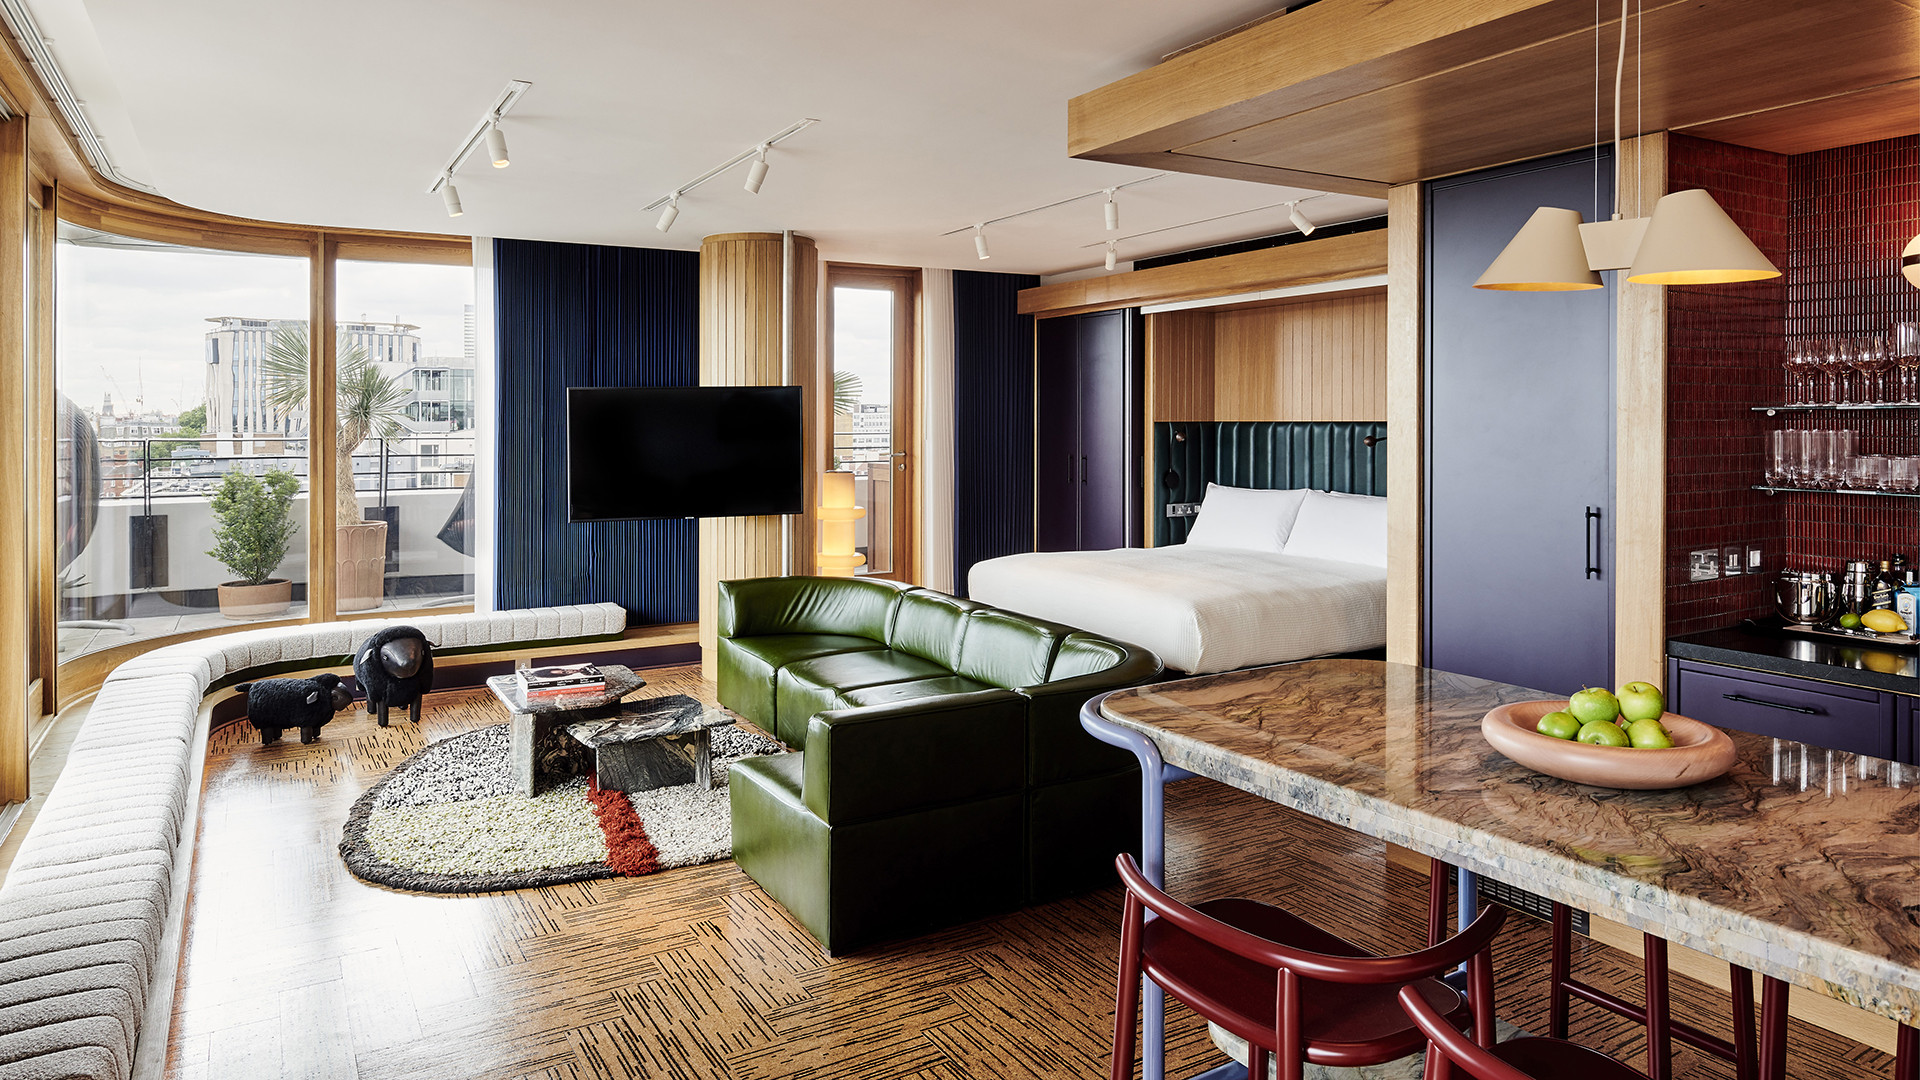 The Standard Hotel NYE